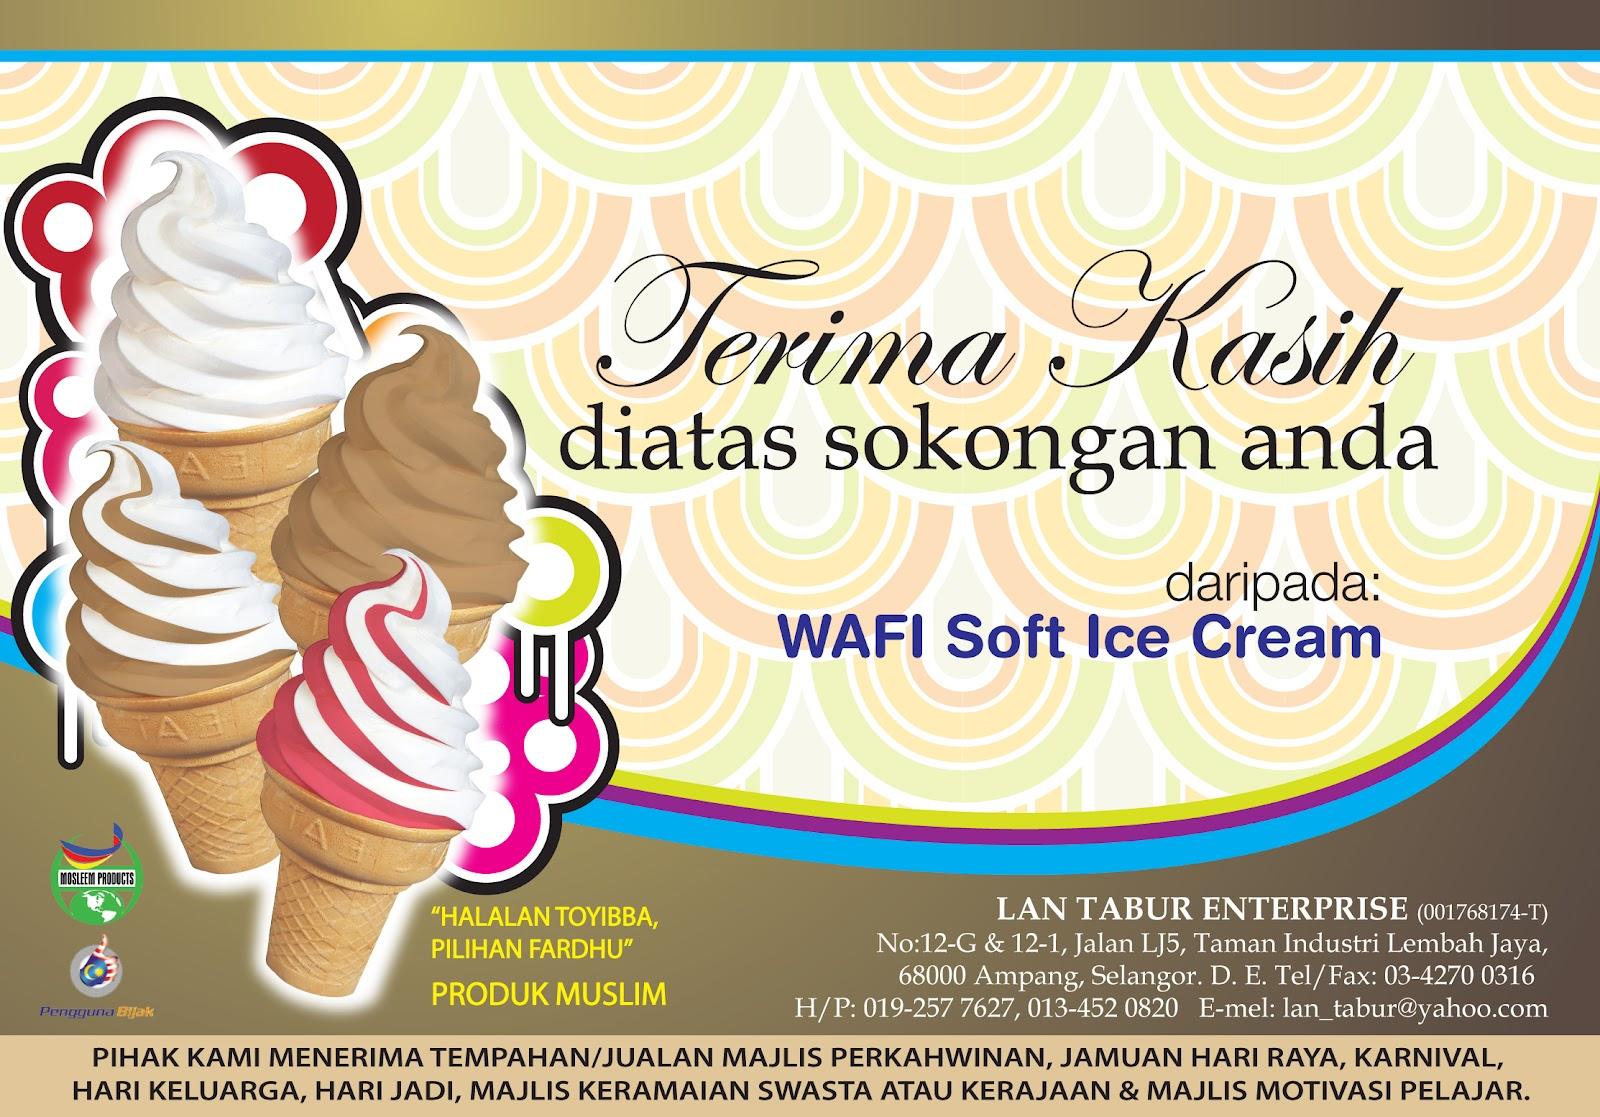 Terima kasih kepada para pelanggan dan pengguna produk Wafi Soft Ice